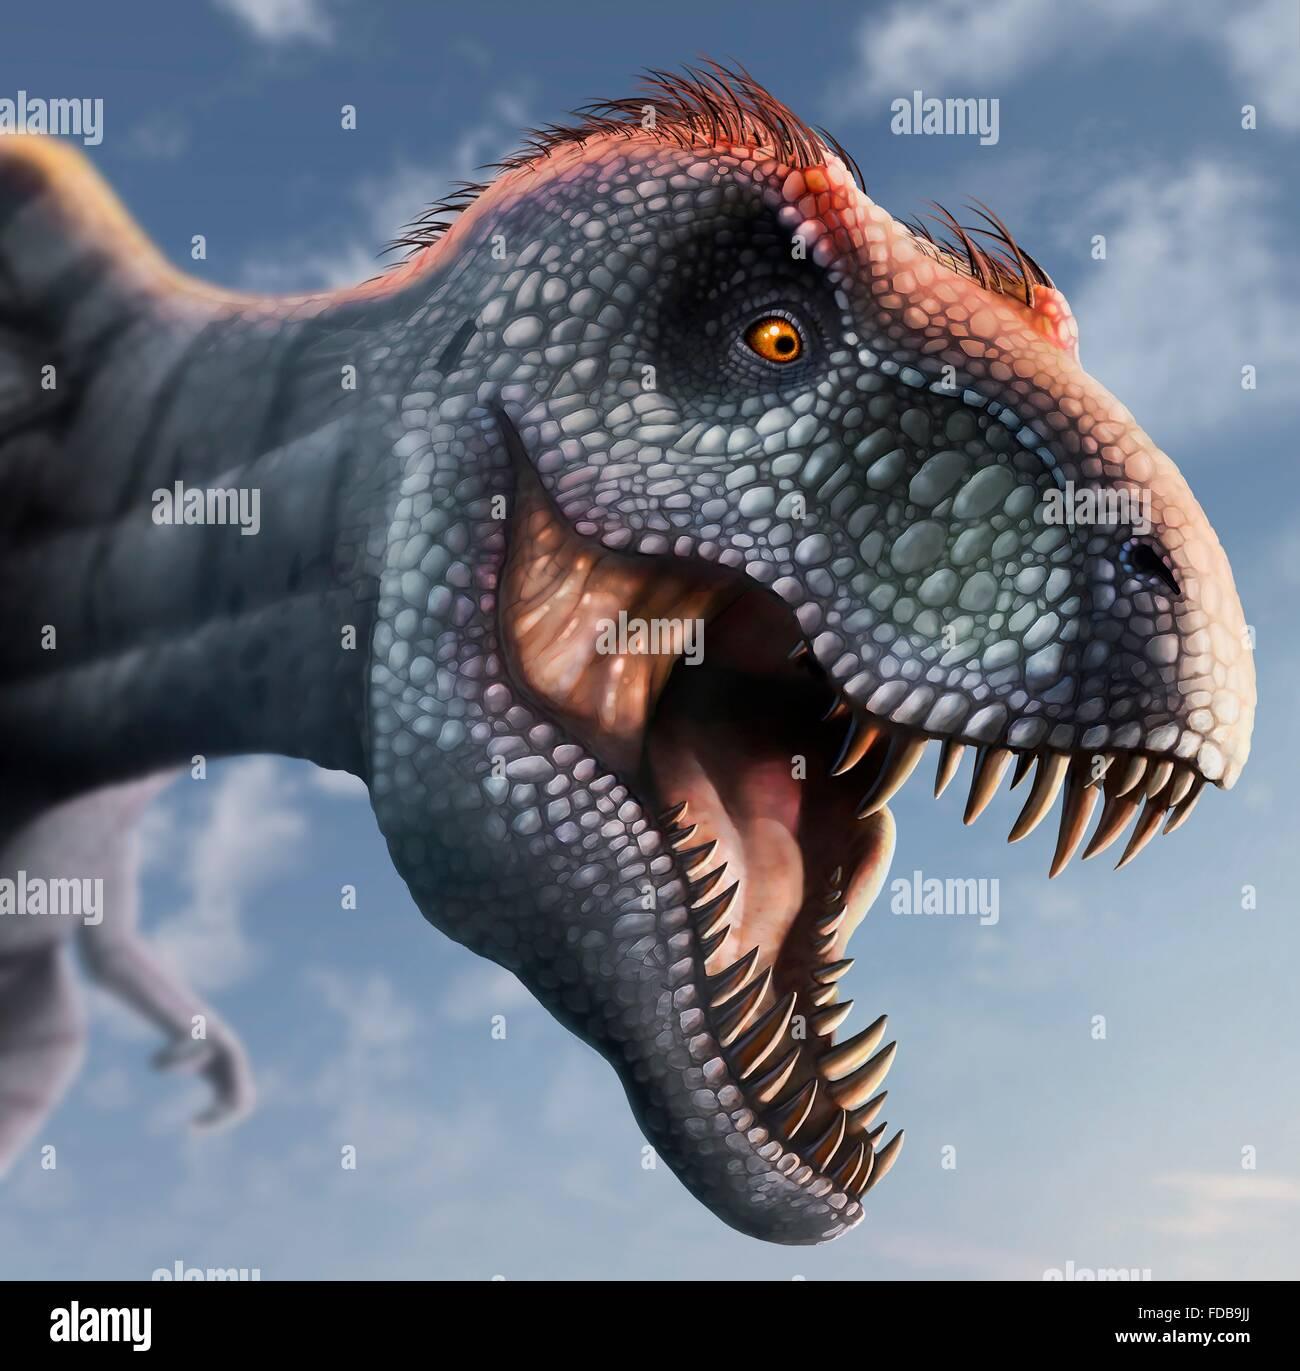 Tyrannosaurus Rex Cabeza Ilustracion Este Dinosaurio Vivia En America Del Norte Desde Hace 70 Millones De Anos Hasta La Extincion De Los Dinosaurios De Unos 5 Millones De Anos Mas Tarde La Descubrieron al pavo real de los dinosaurios. https www alamy es foto tyrannosaurus rex cabeza ilustracion este dinosaurio vivia en america del norte desde hace 70 millones de anos hasta la extincion de los dinosaurios de unos 5 millones de anos mas tarde la cabeza esta fuertemente construida para soportar impactos con presas animales y tiene los dientes afilados de un depredador t rex se piensa para haber sido un scavenger asi como un cazador entre los mas grandes dinosaurios carnivoros t rex fue de hasta 6 metros de altura y pesa tanto como 7 toneladas el animal esta representado con plumas marrones aunque si se tenian en la vida real es especulativa 94291418 html